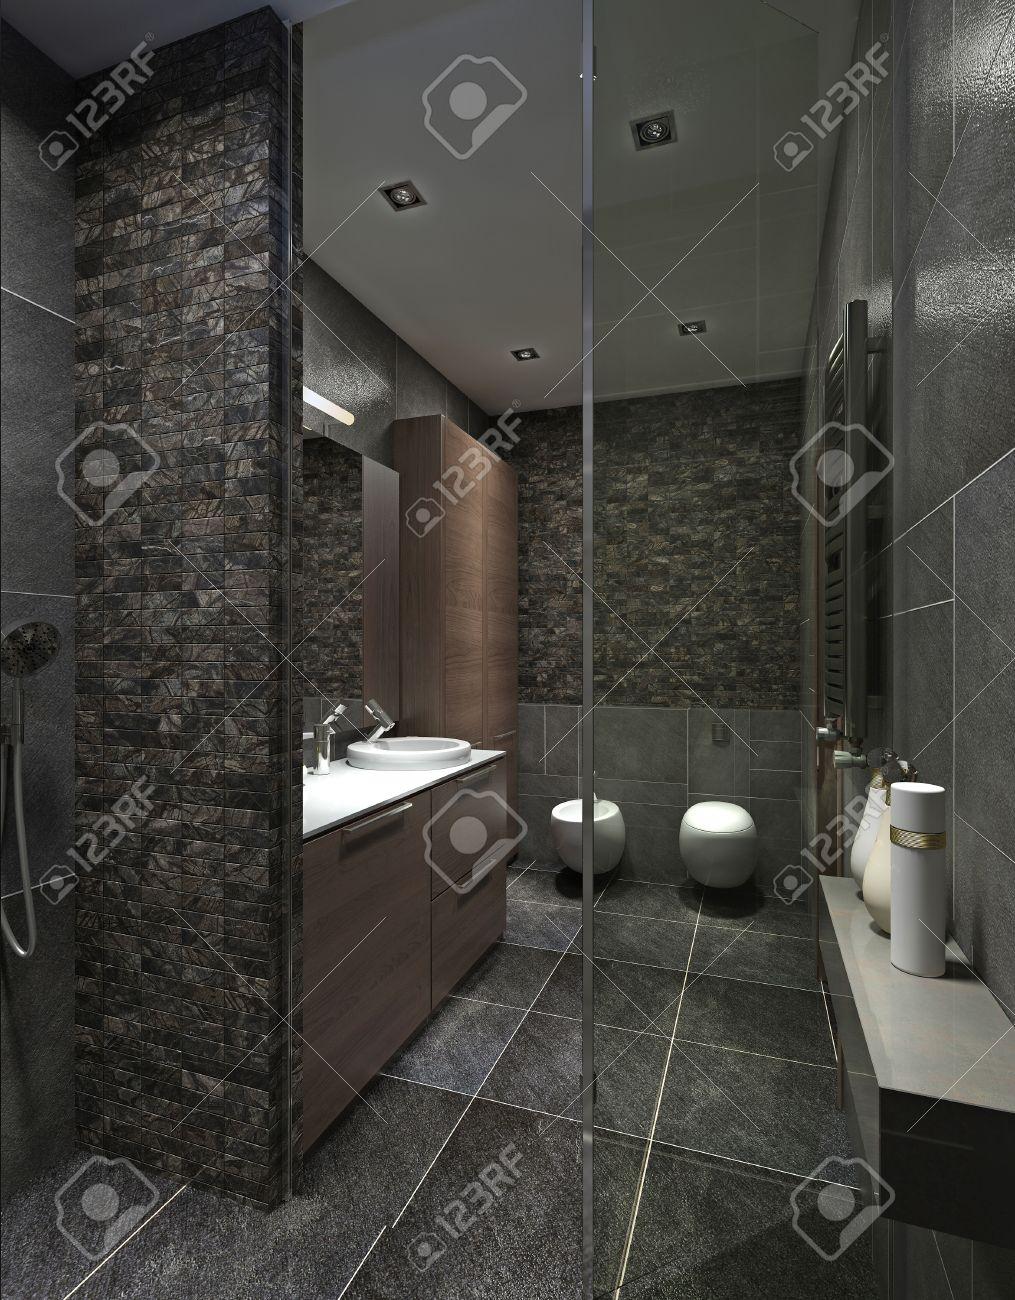 Salle de bains moderne en carrelage noir, mosaïque et mobilier marron. Avec  douche, WC, WC et bidet. Rendu 3D.